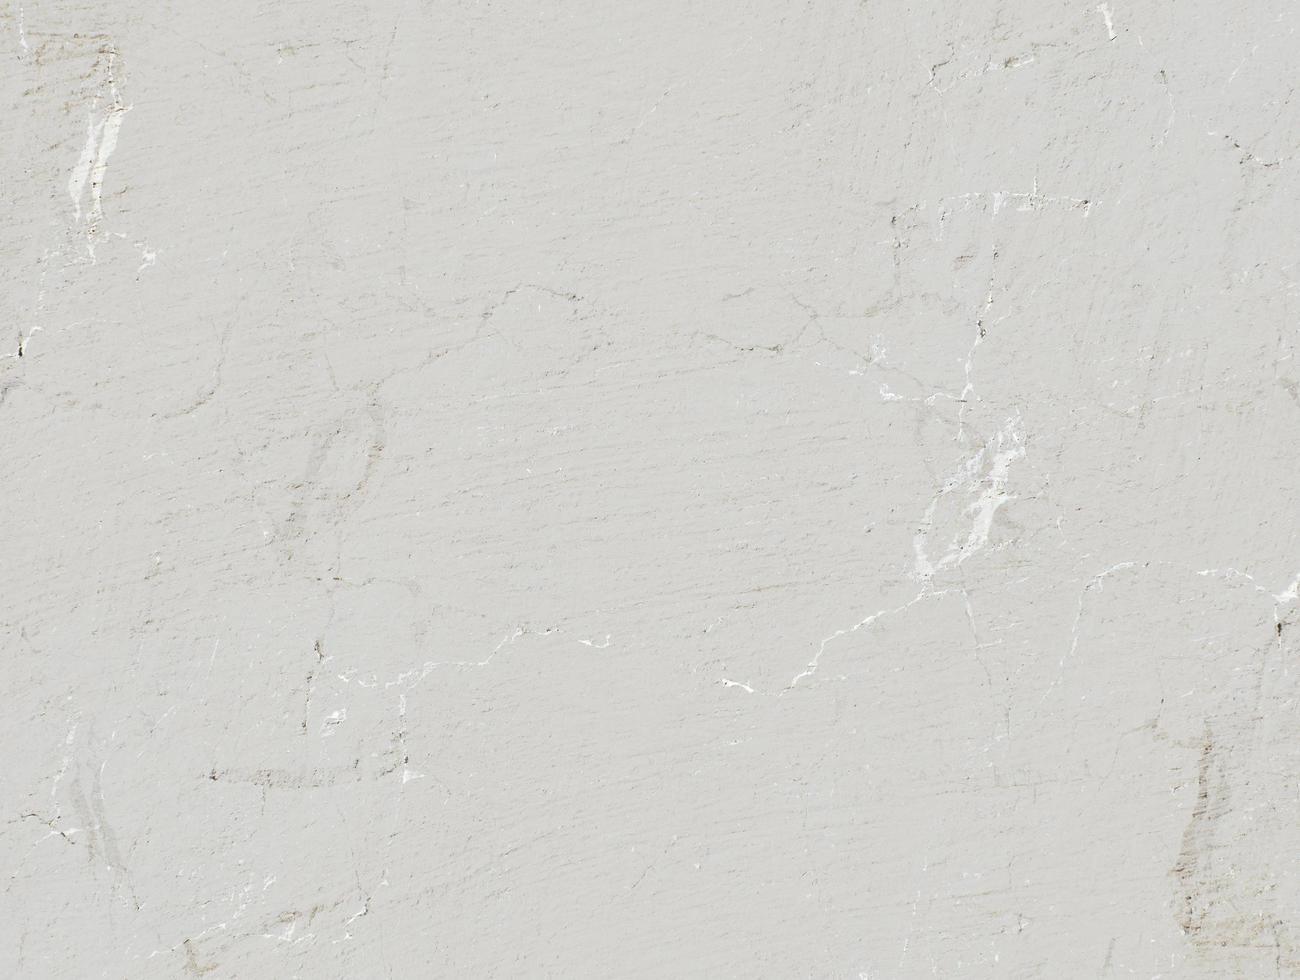 neutrale Grunge Wand Textur foto